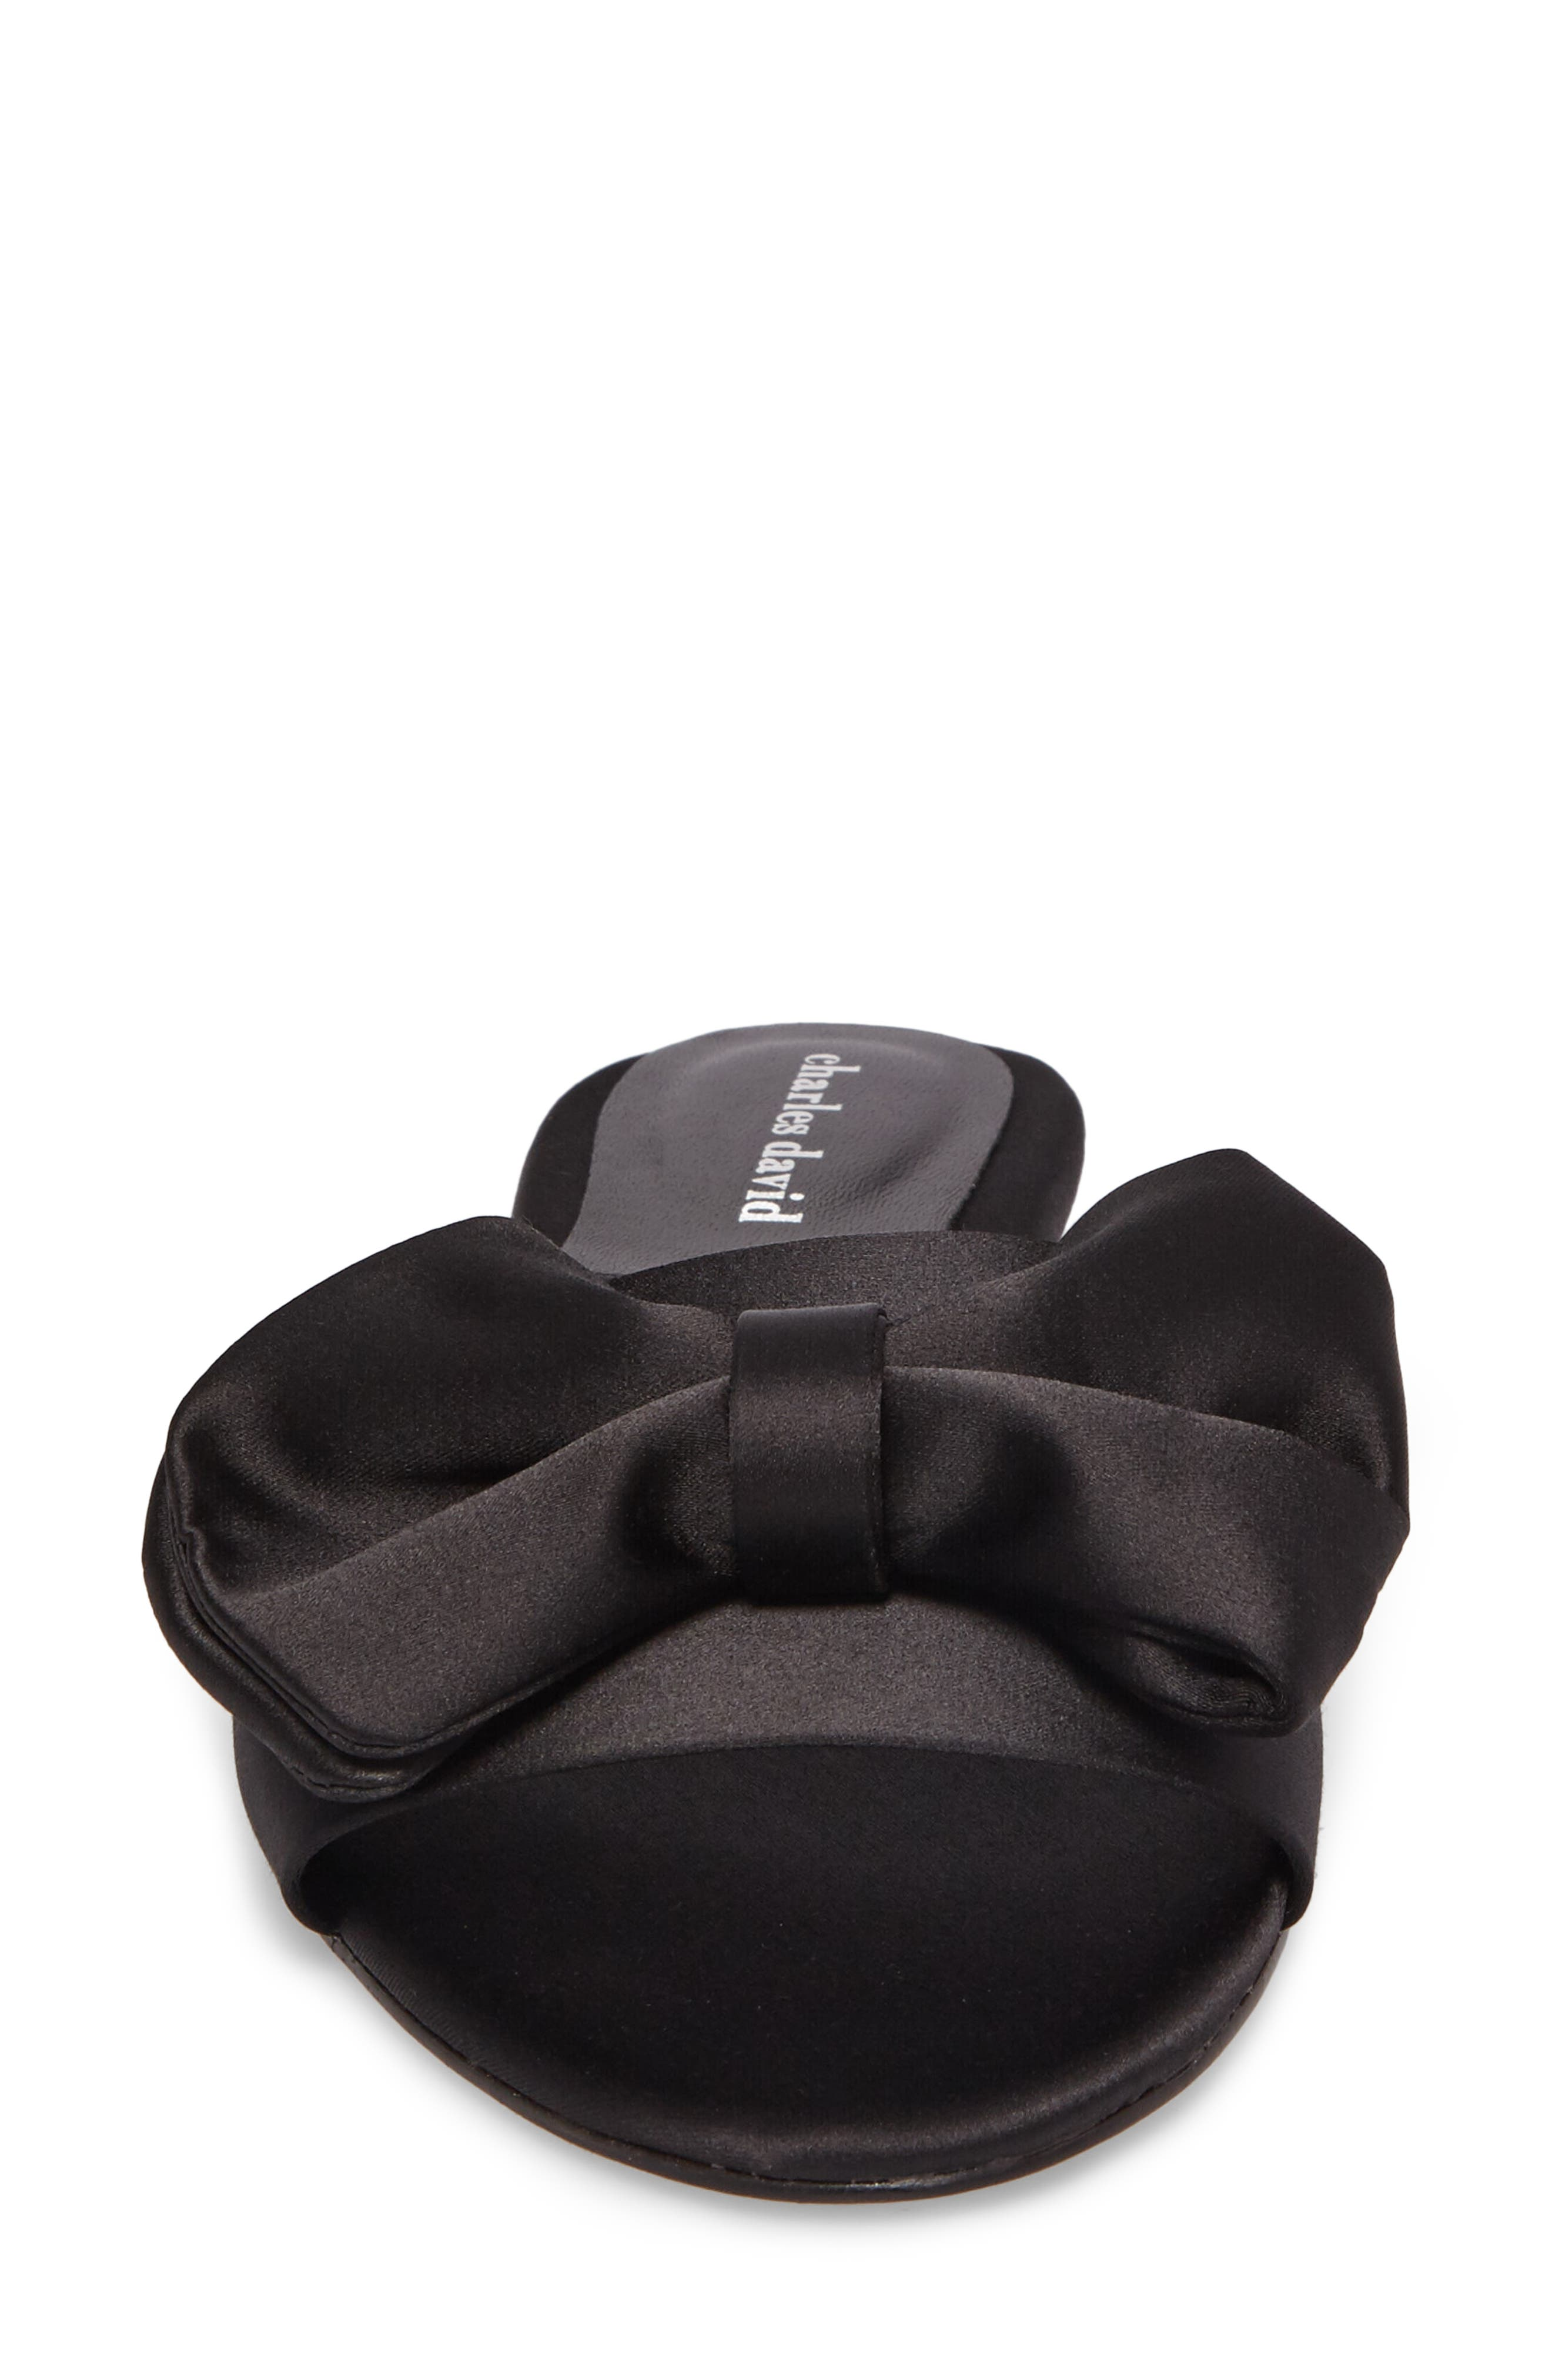 Bow Slide Sandal,                             Alternate thumbnail 4, color,                             Black Satin